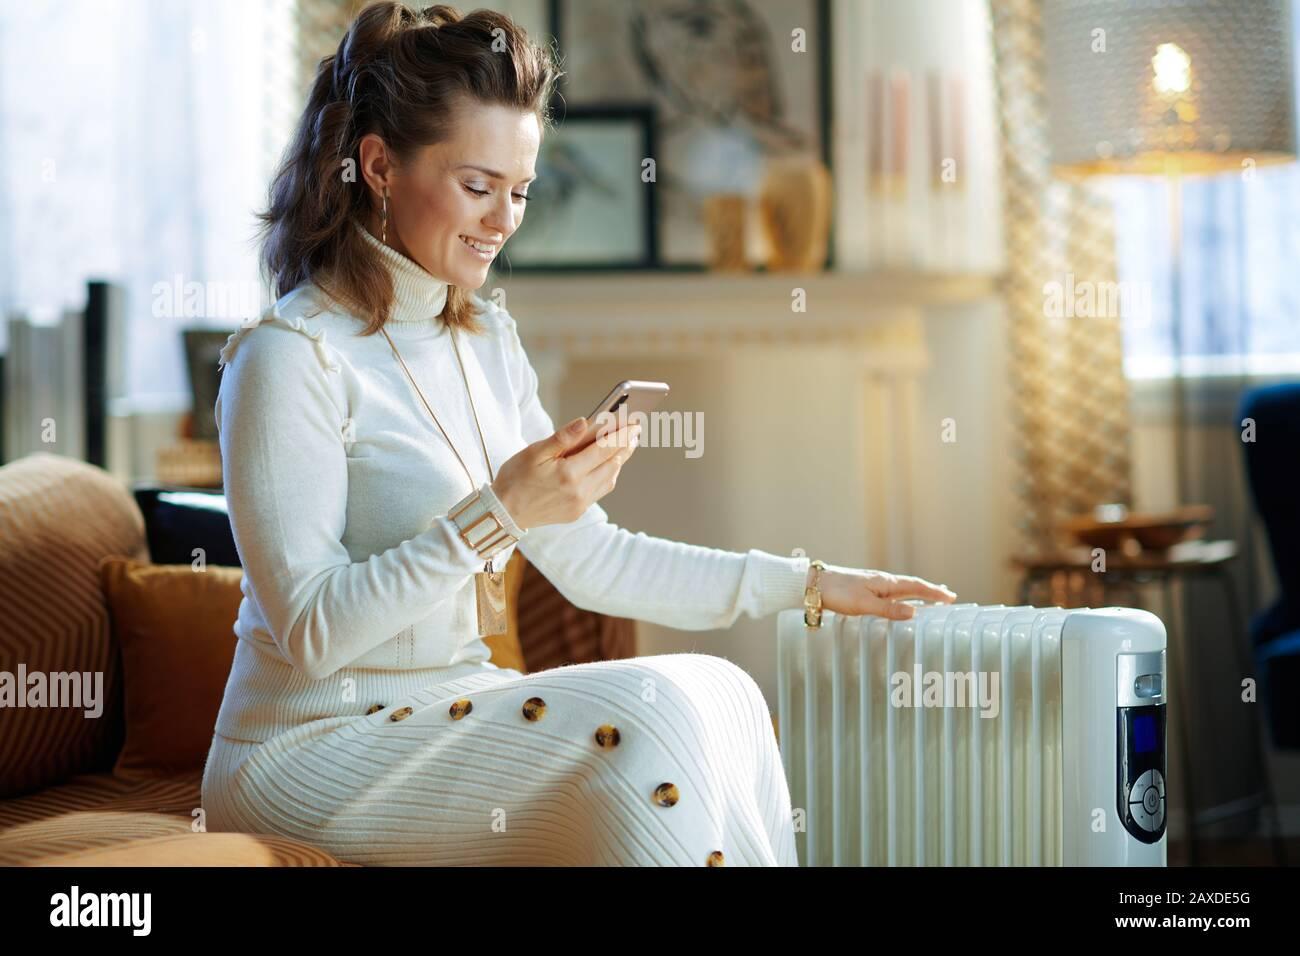 Fröhliche, moderne 40 Jahre alte Frau in weißem Pullover und Rock im modernen Wohnzimmer am sonnigen Wintertag auf dem Sofa in der Nähe weißer Elektroölradien sitzend Stockfoto